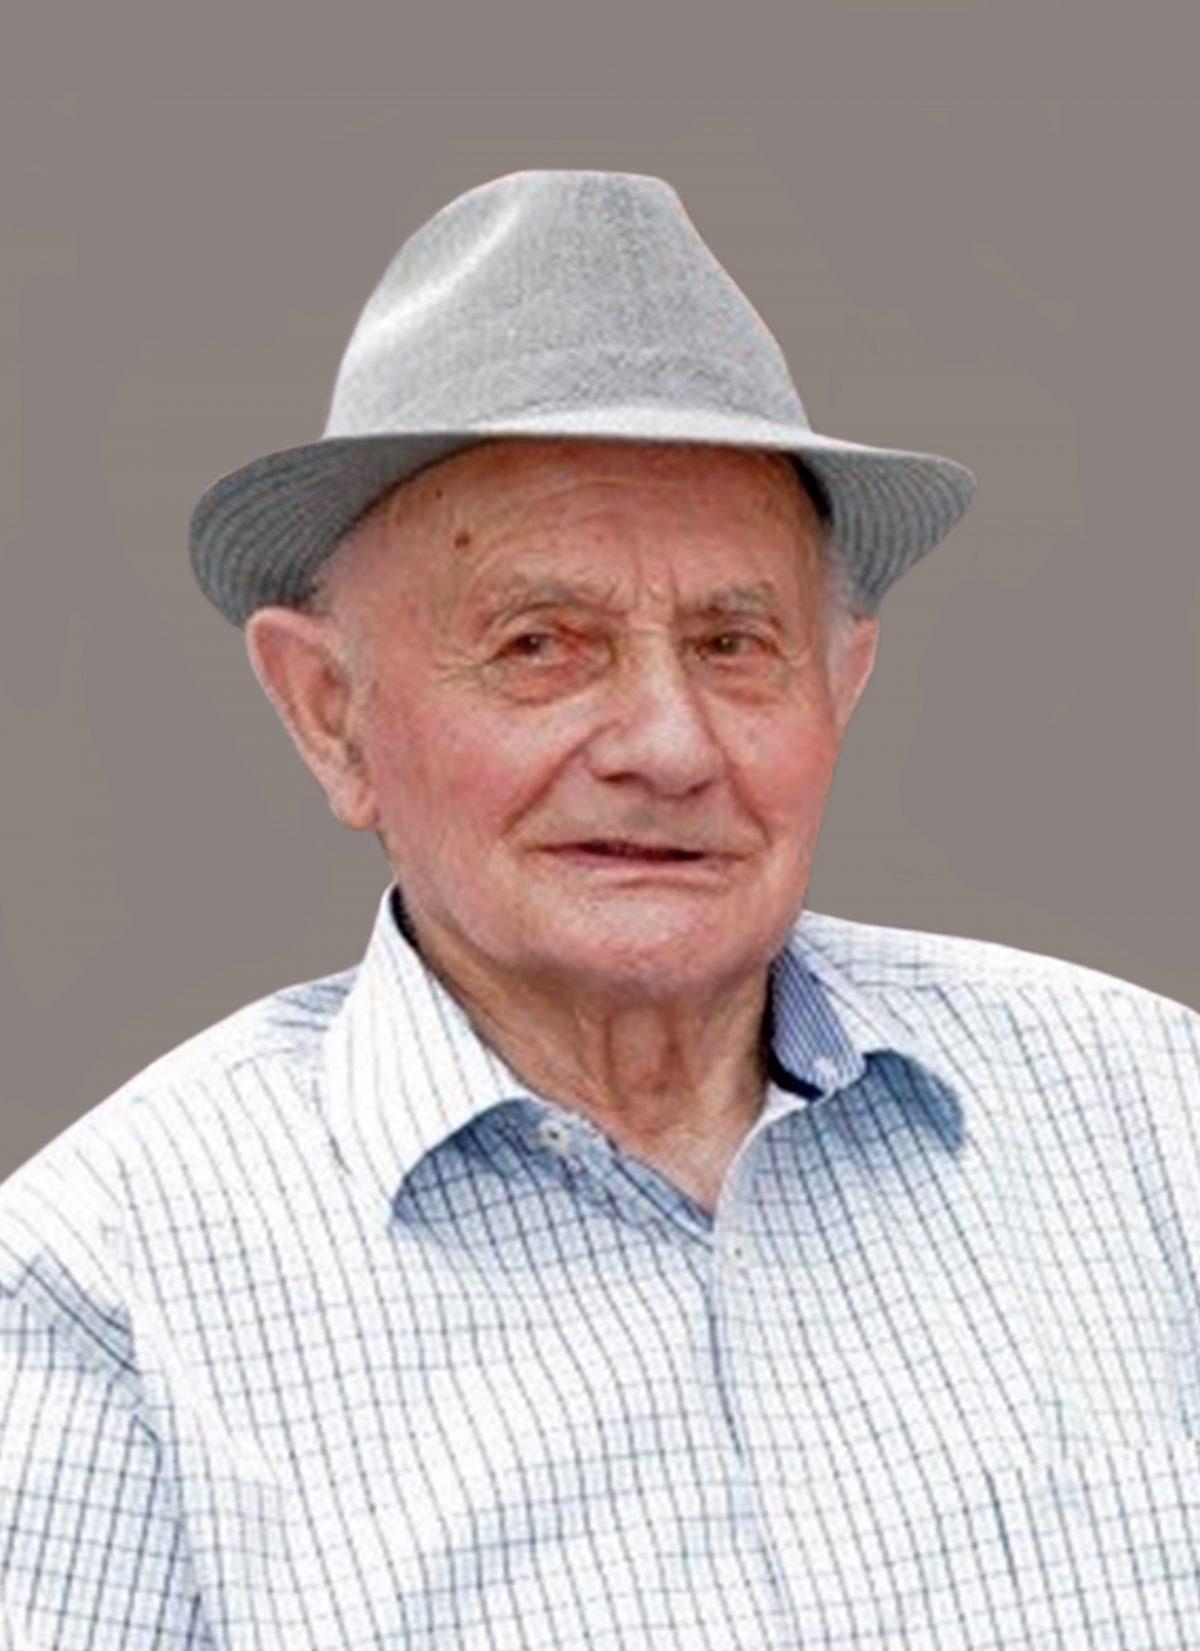 Nicolas Schols